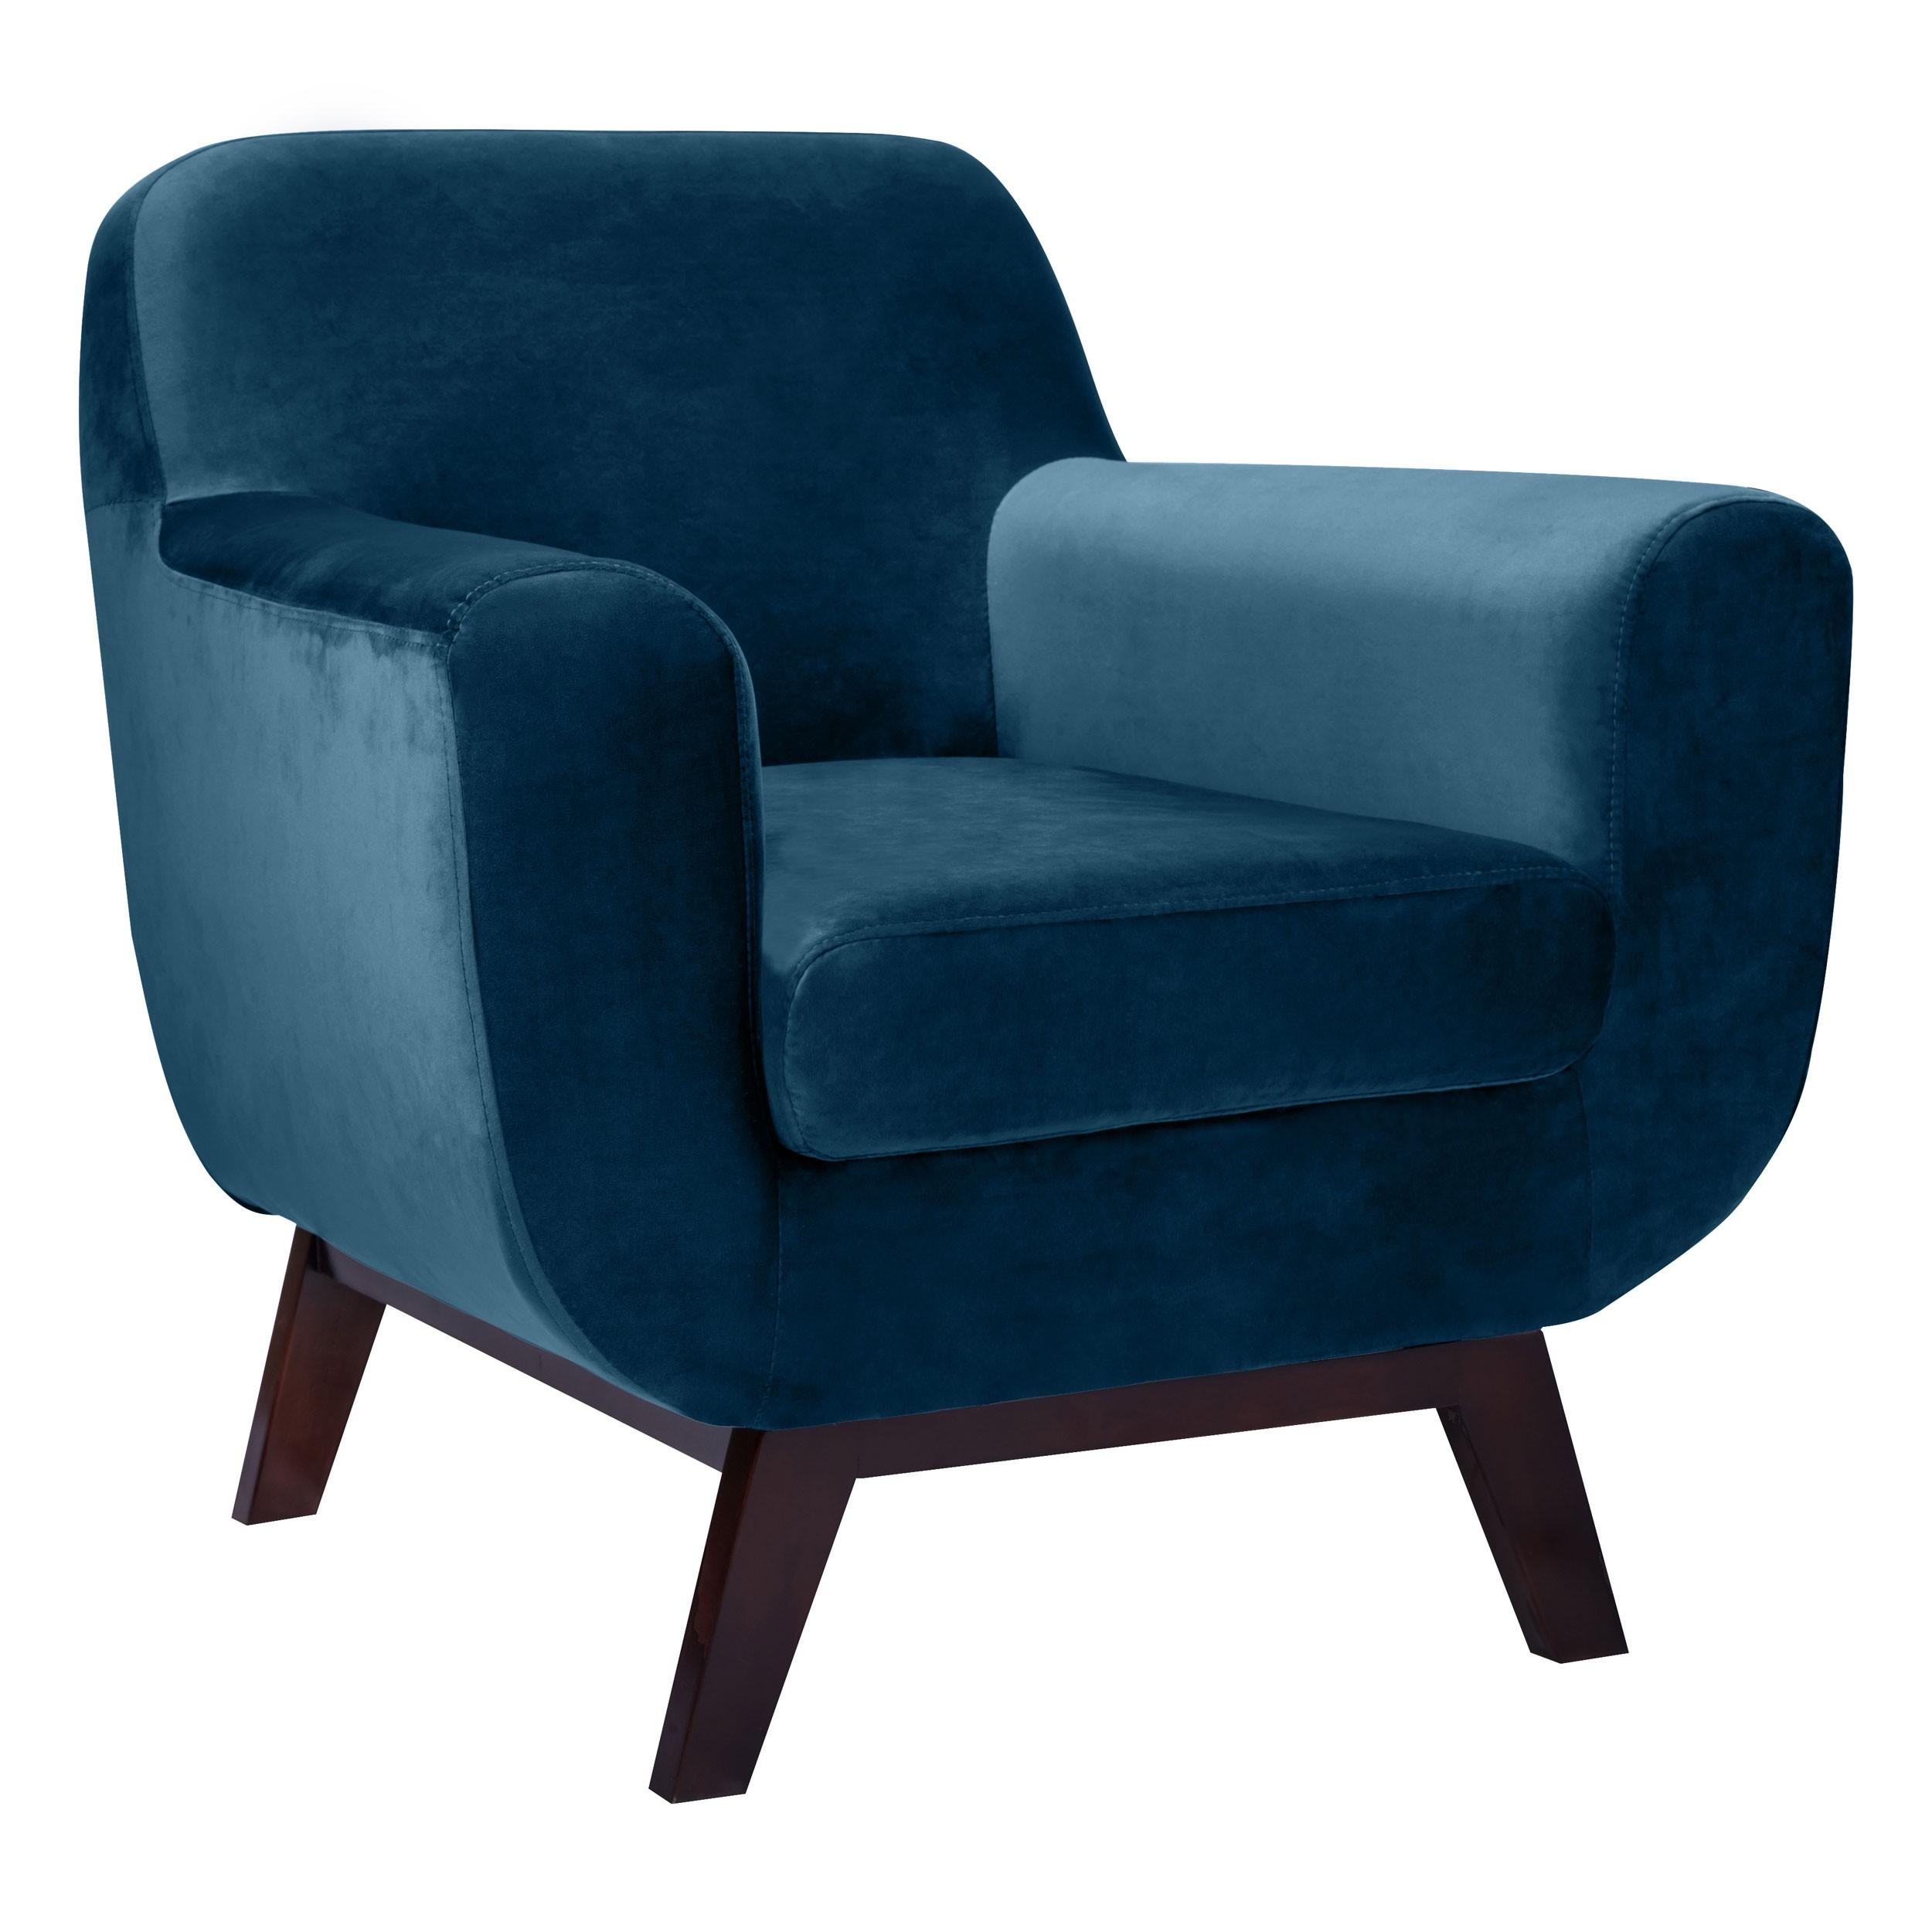 fauteuil copenhague en velours bleu commandez les fauteuils copenhague en velours bleus design. Black Bedroom Furniture Sets. Home Design Ideas